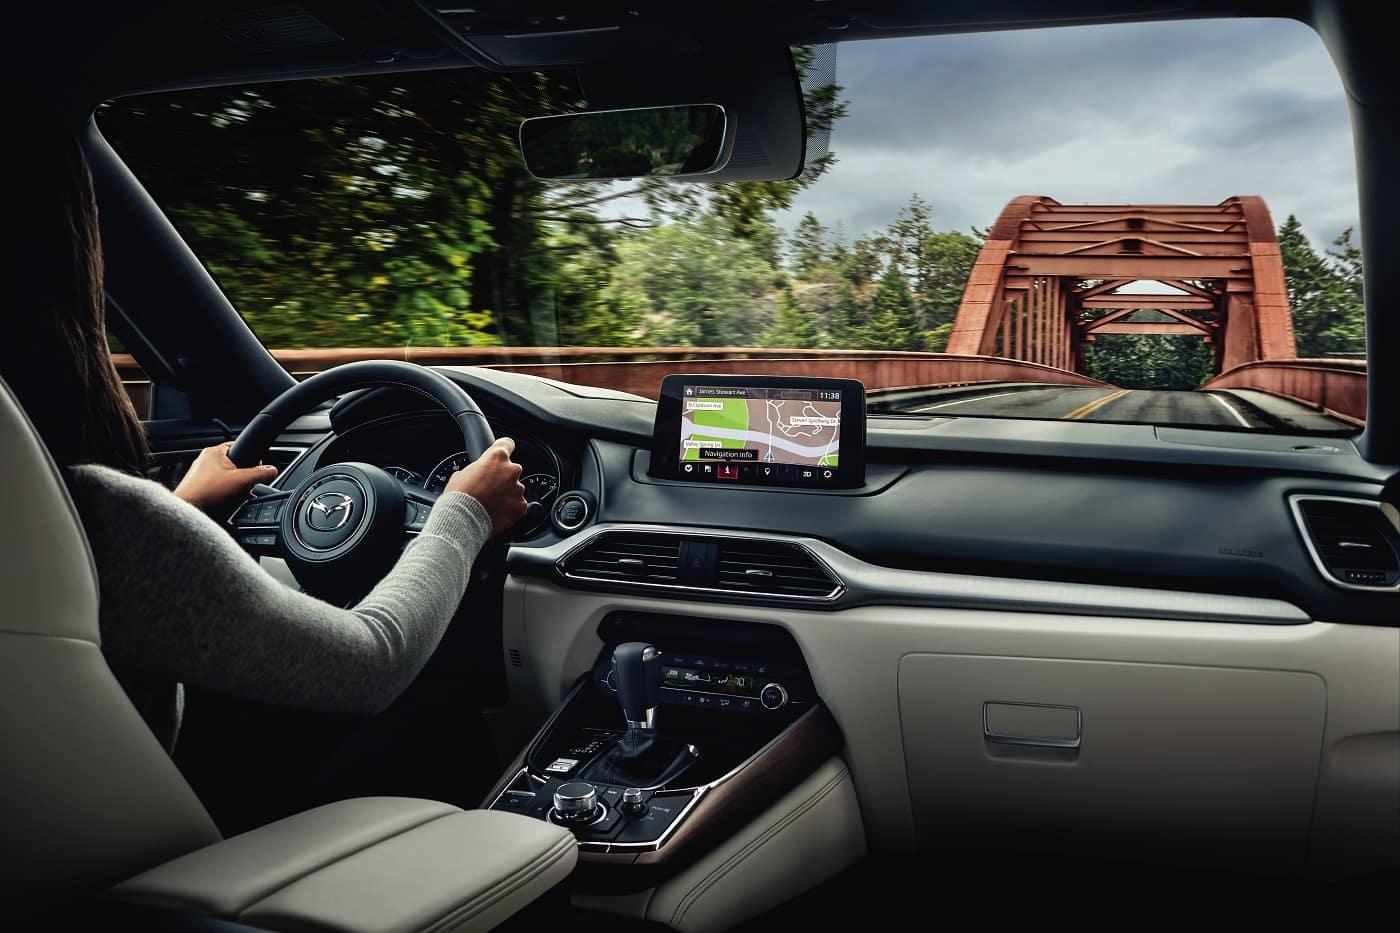 Mazda CX-9 Interior Tech Features